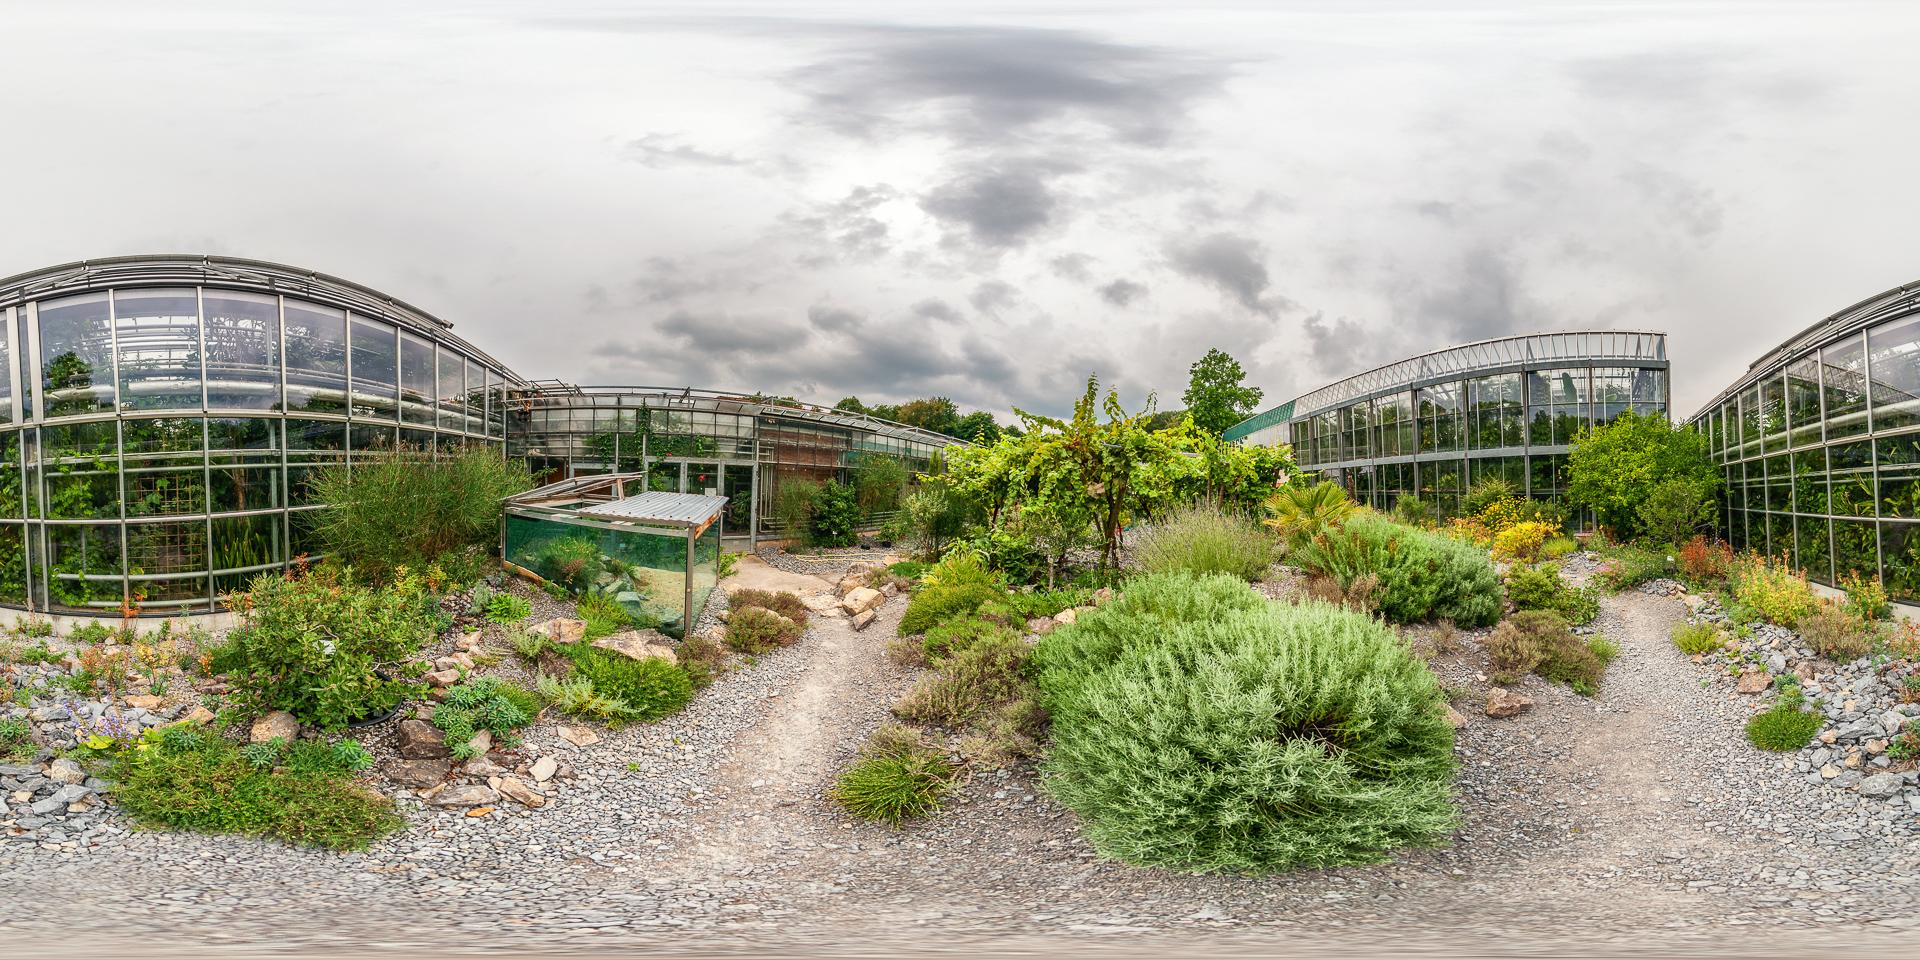 Botanischer Garten Würzburg - Mediterraner Innenhof - Botanischer Garten